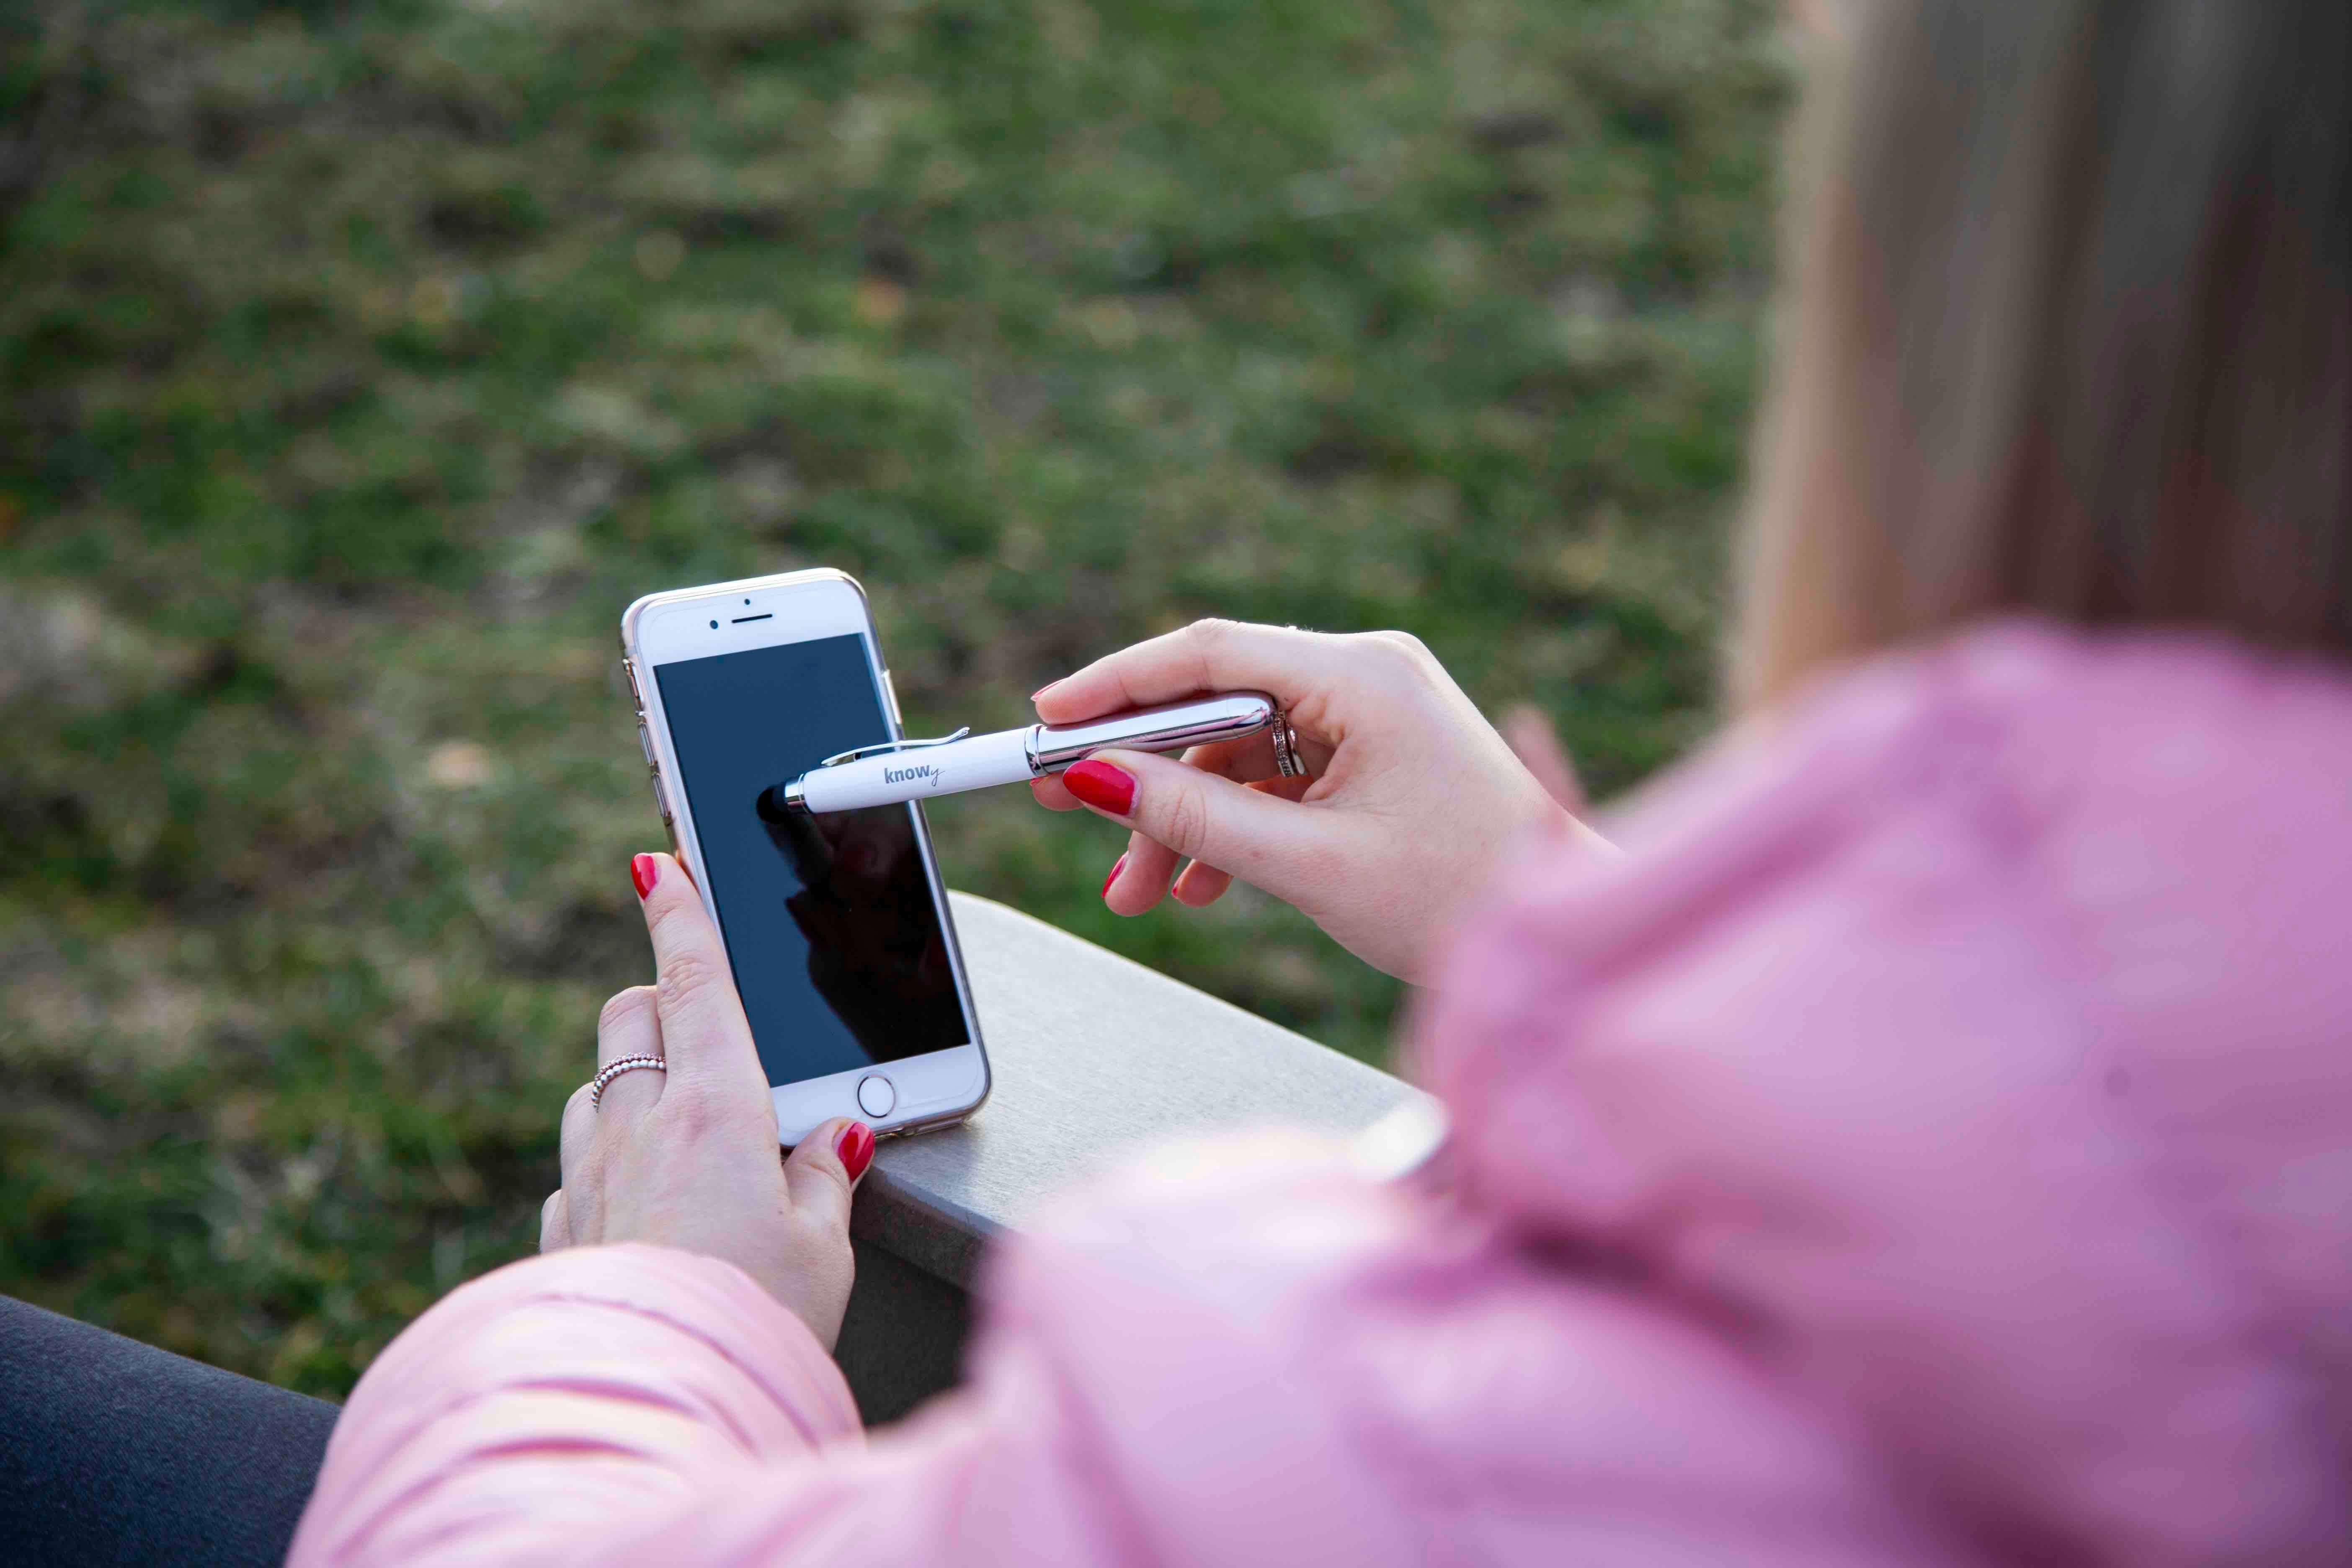 KNOWY Wochenplaner Pen in Kombination mit Smartphone